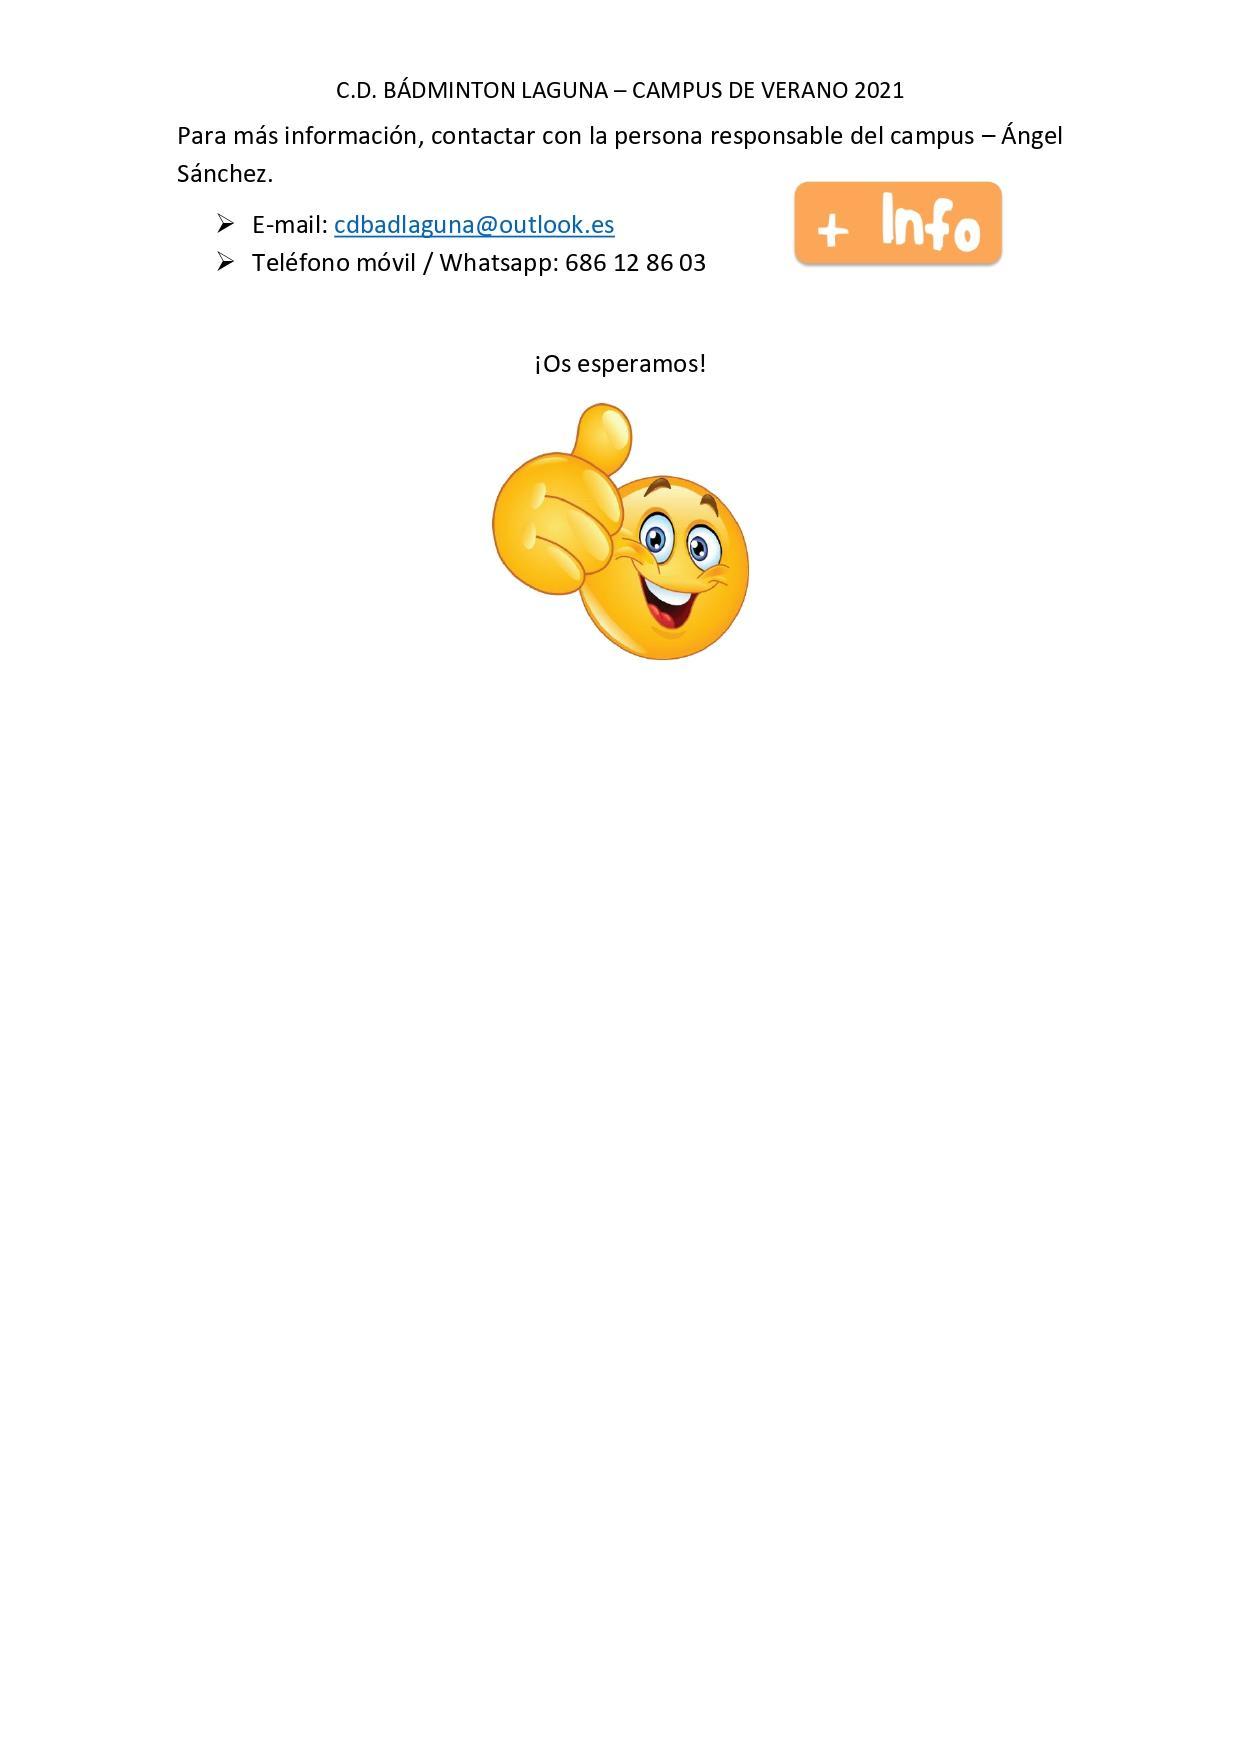 Informacion campus de verano 21 c d badminton laguna final page 0003